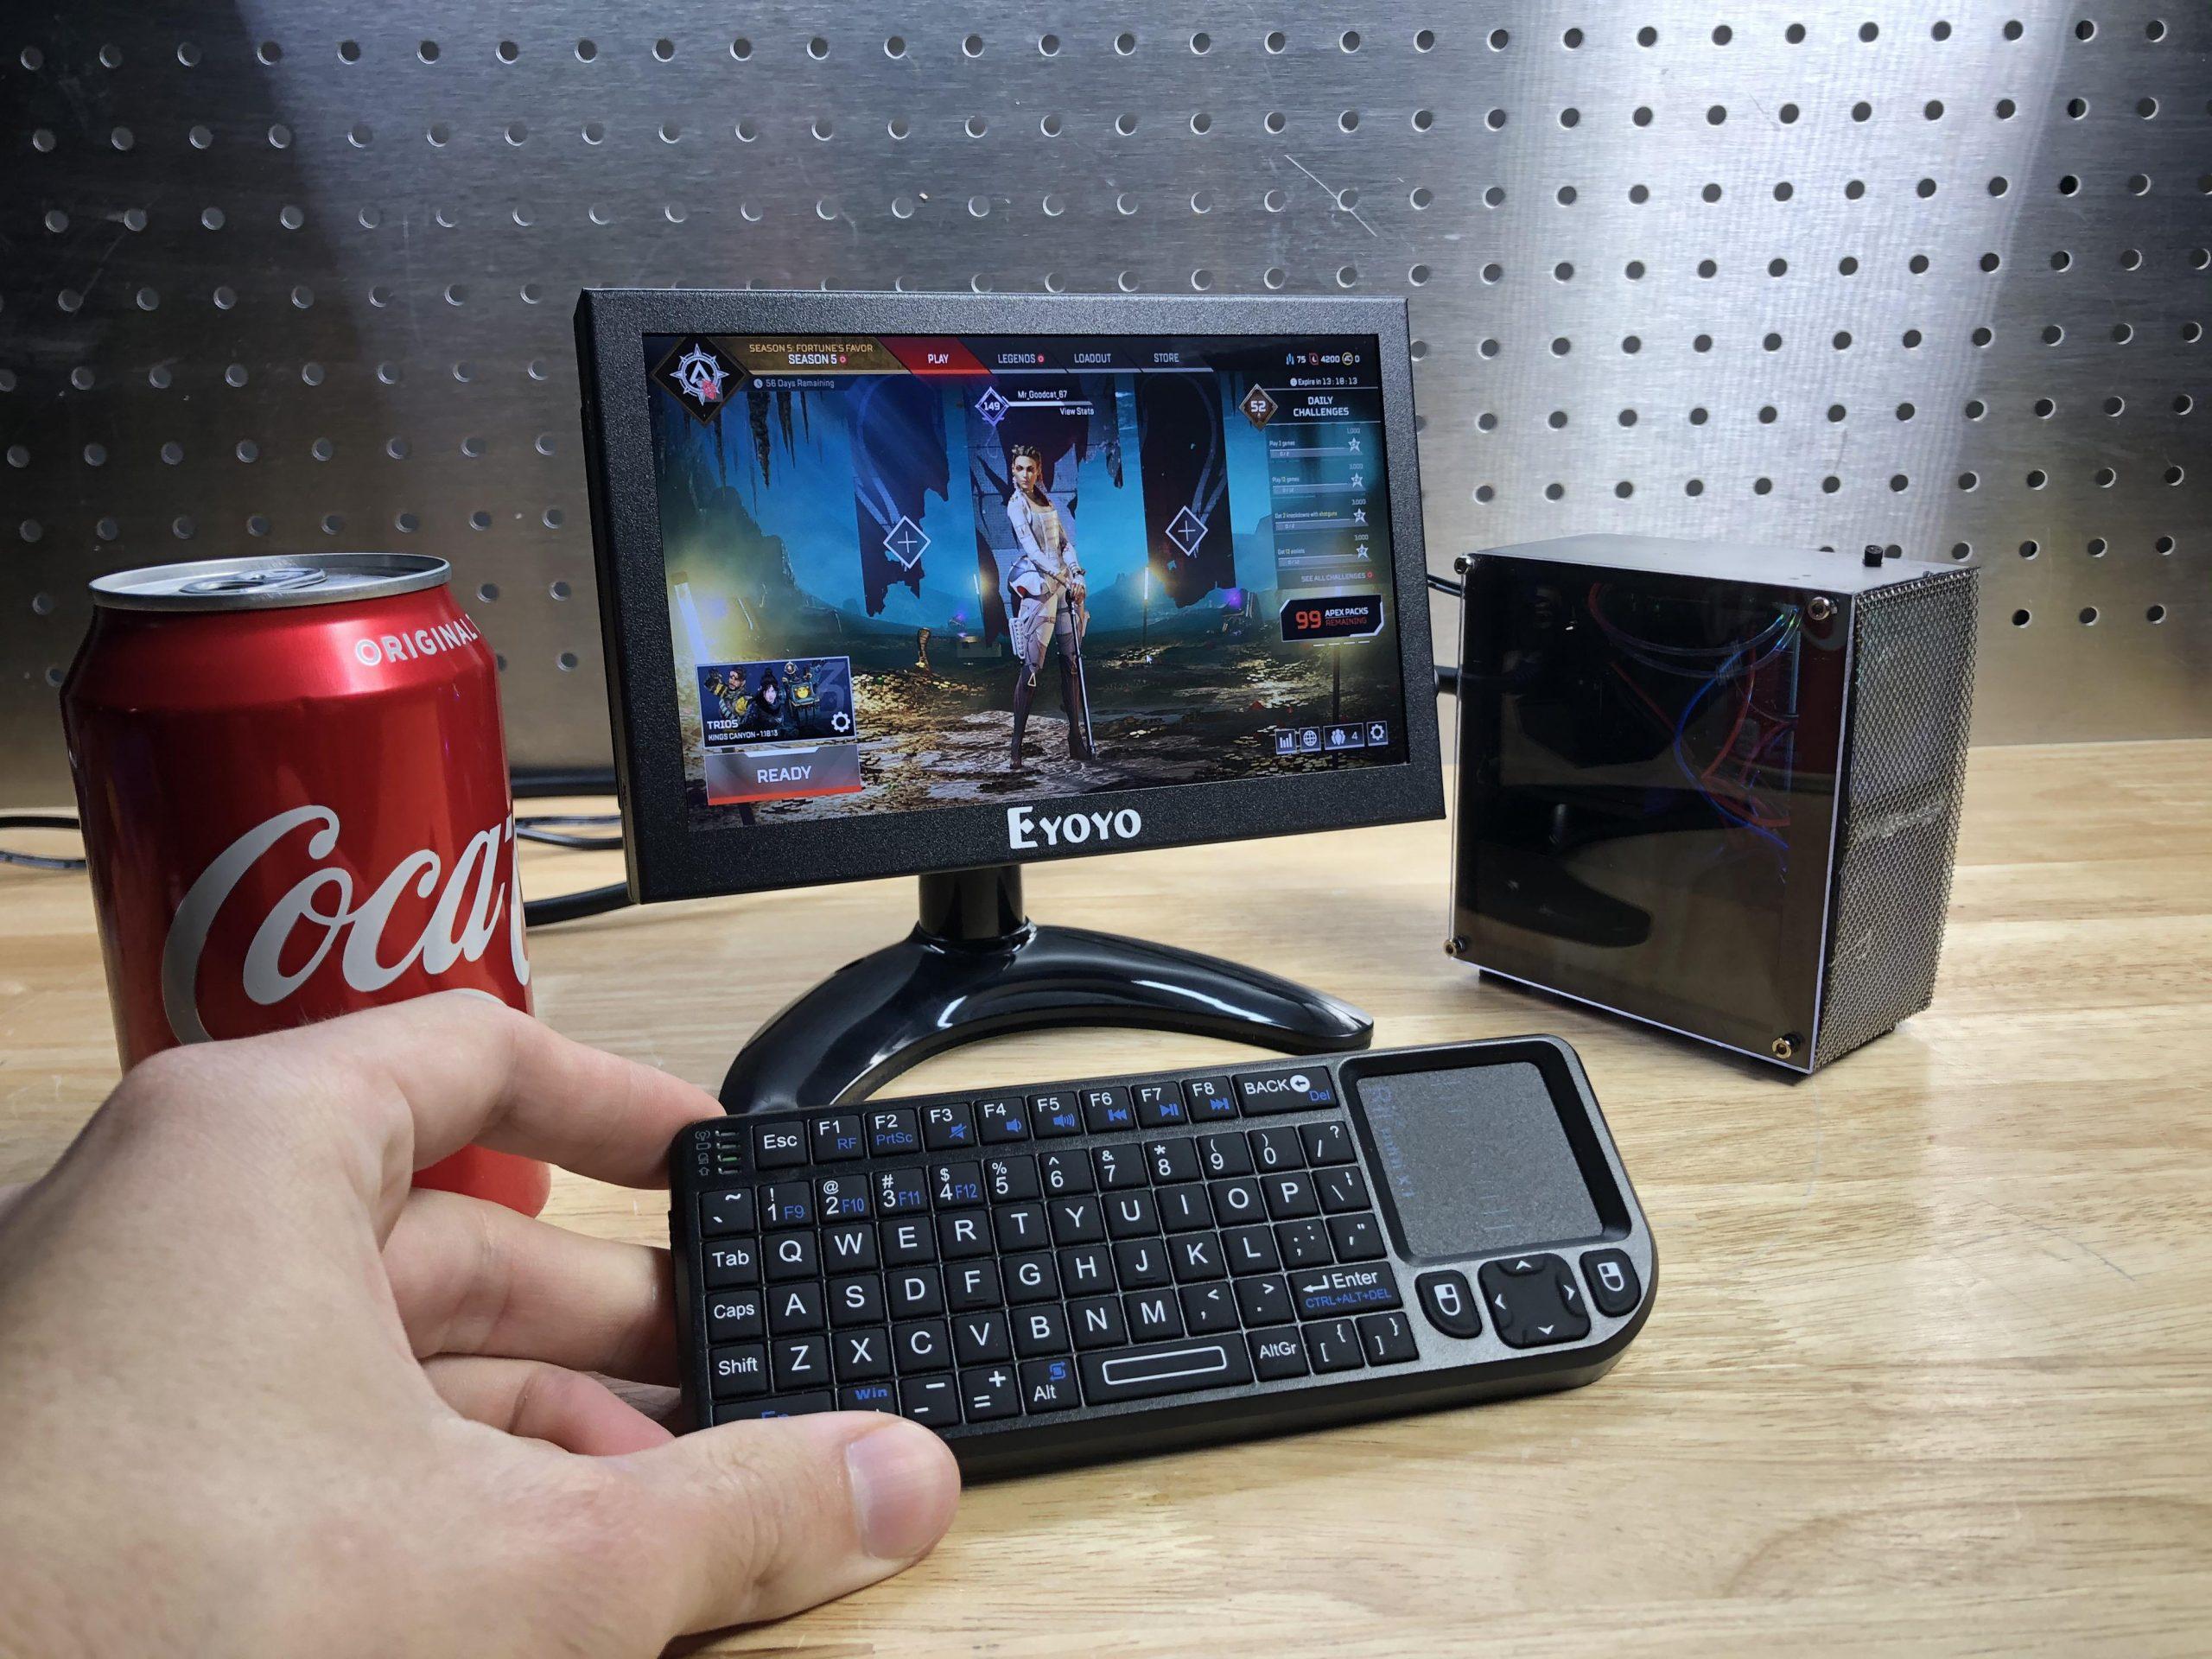 کوچکترین کامپیوتر گیمینگ جهان